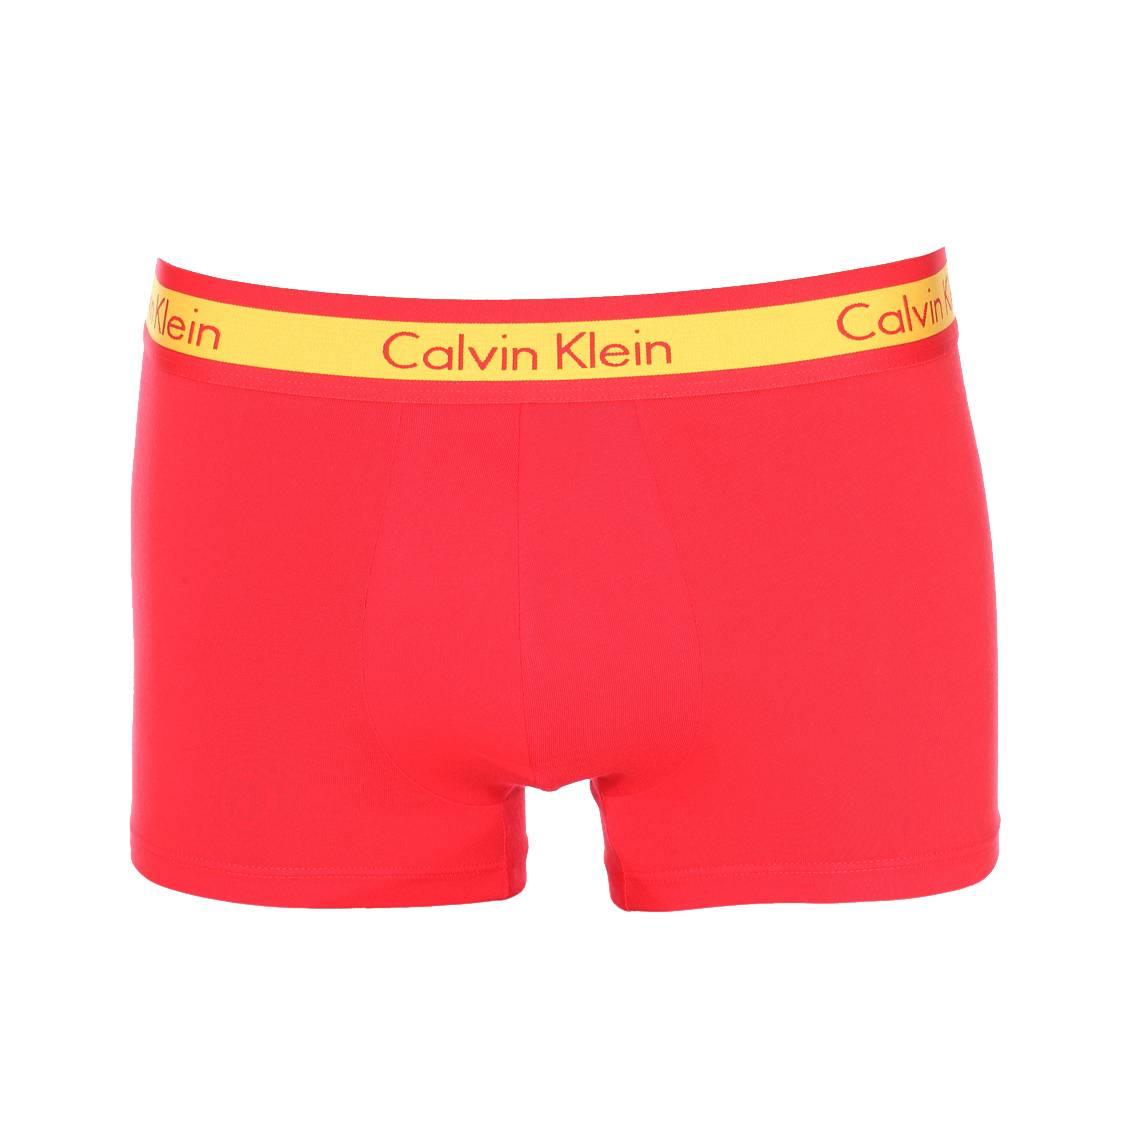 Boxer calvin klein en coton stretch rouge et jaune, édition limitée